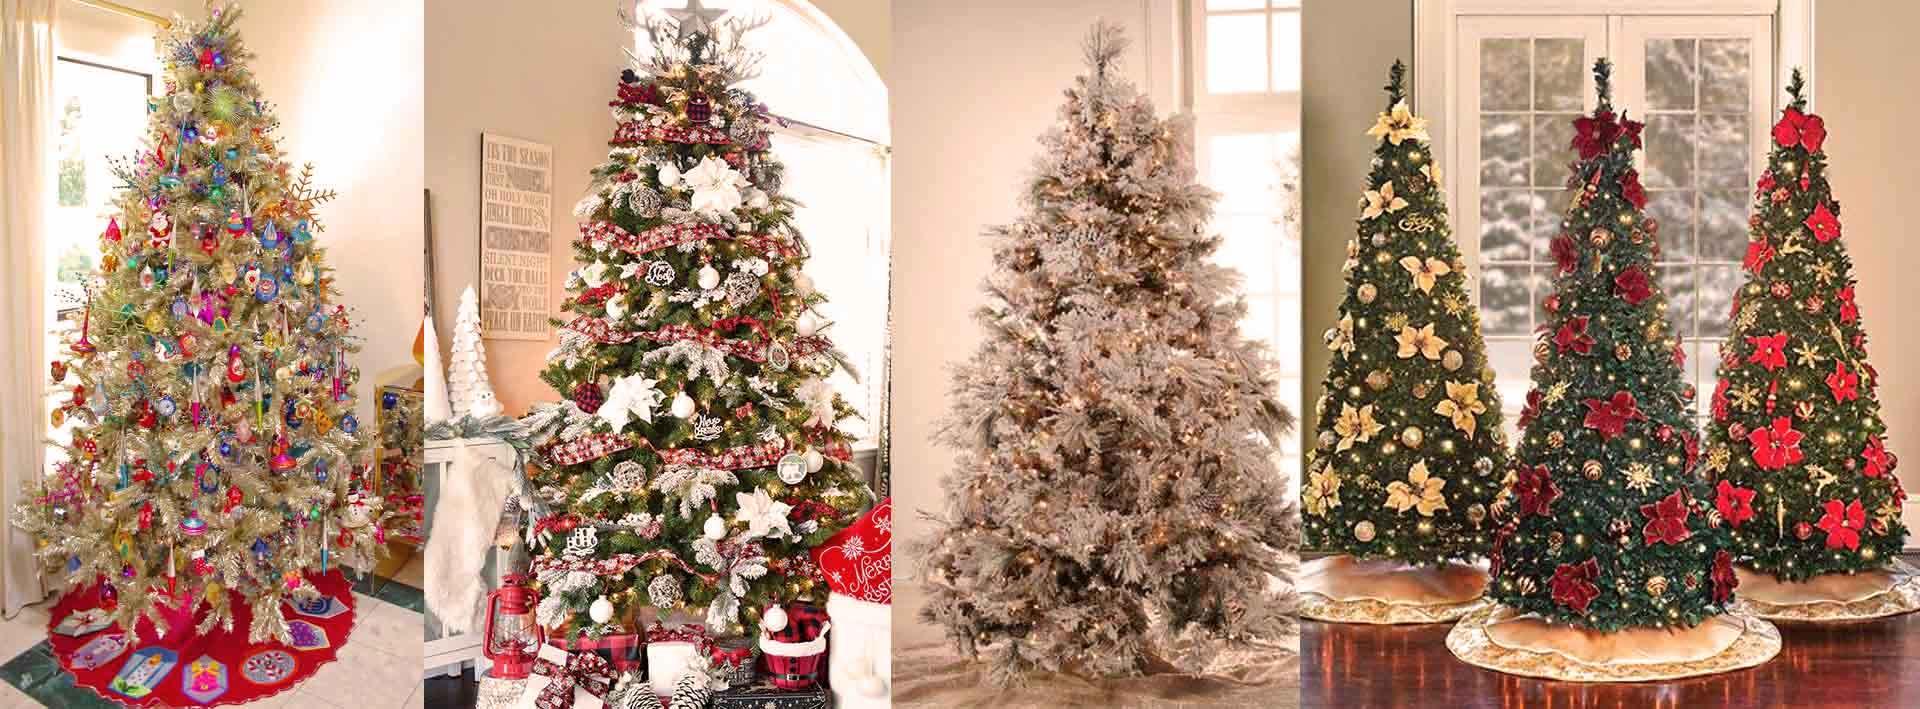 christmas 04 1 - تزئینات کریسمس